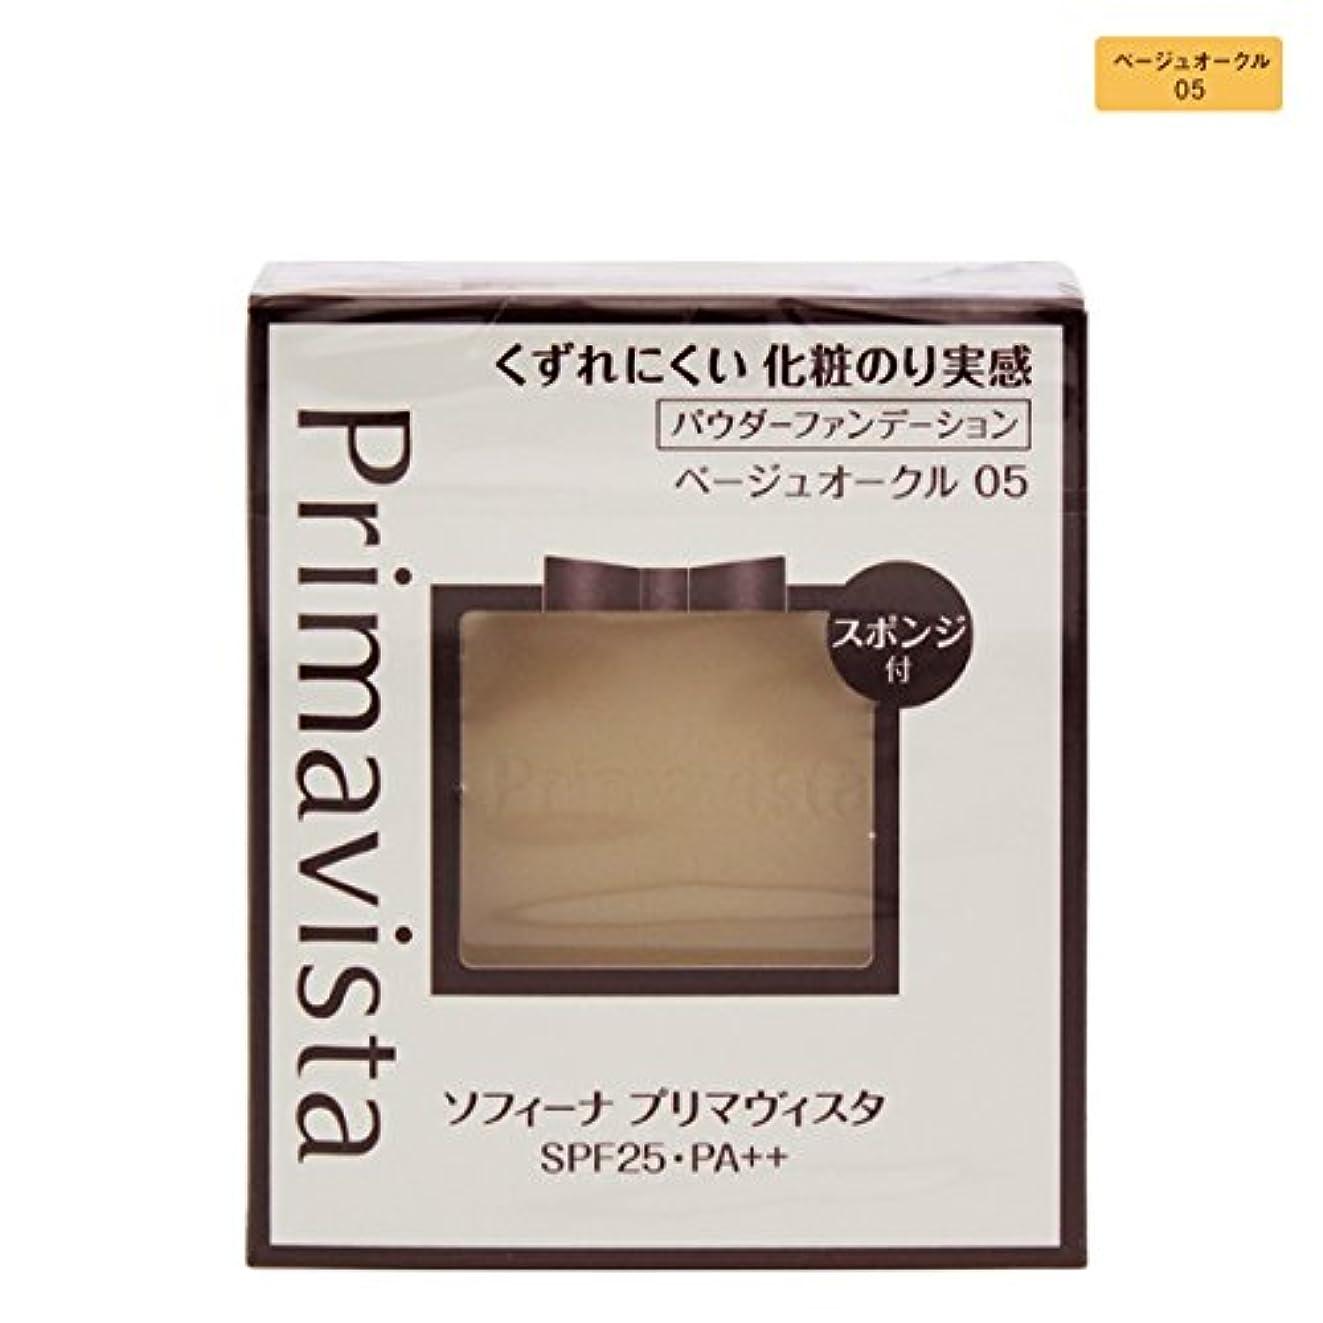 たまに途方もないポゴスティックジャンプソフィーナ プリマヴィスタ くずれにくい 化粧のり実感パウダーファンデーションUV ベージュオークル05 レフィル